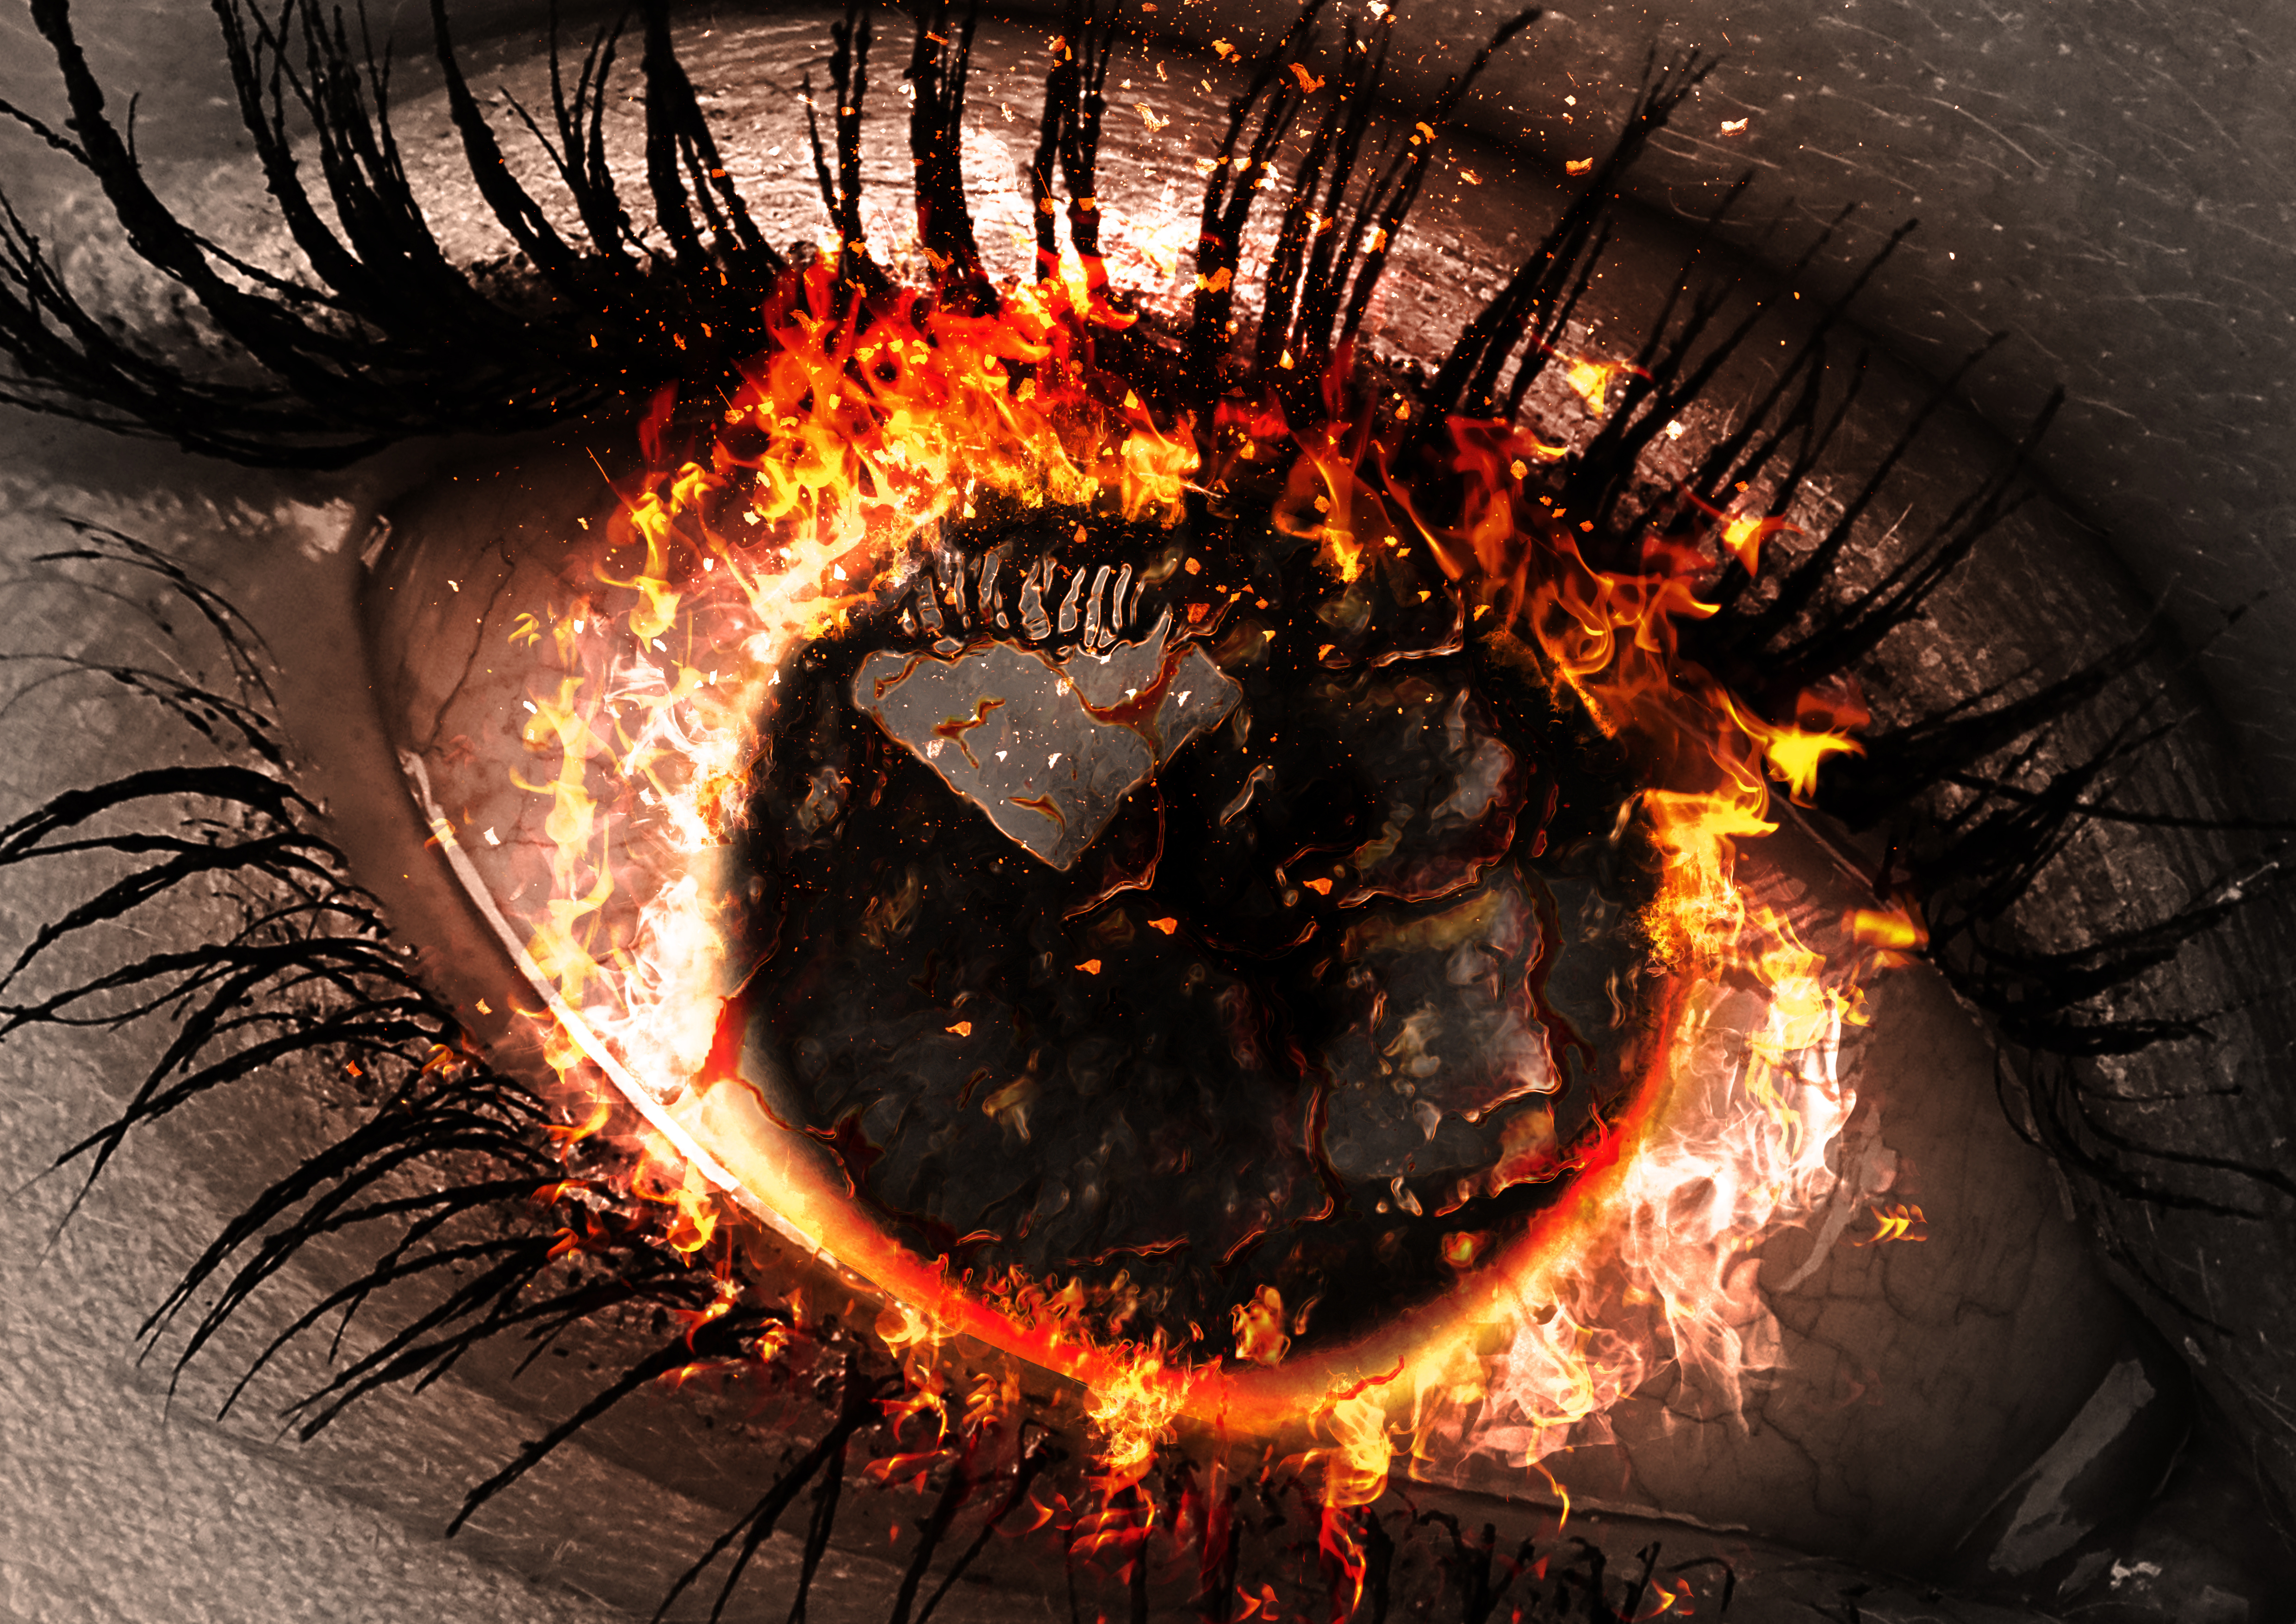 Brennen für die Augenoptik